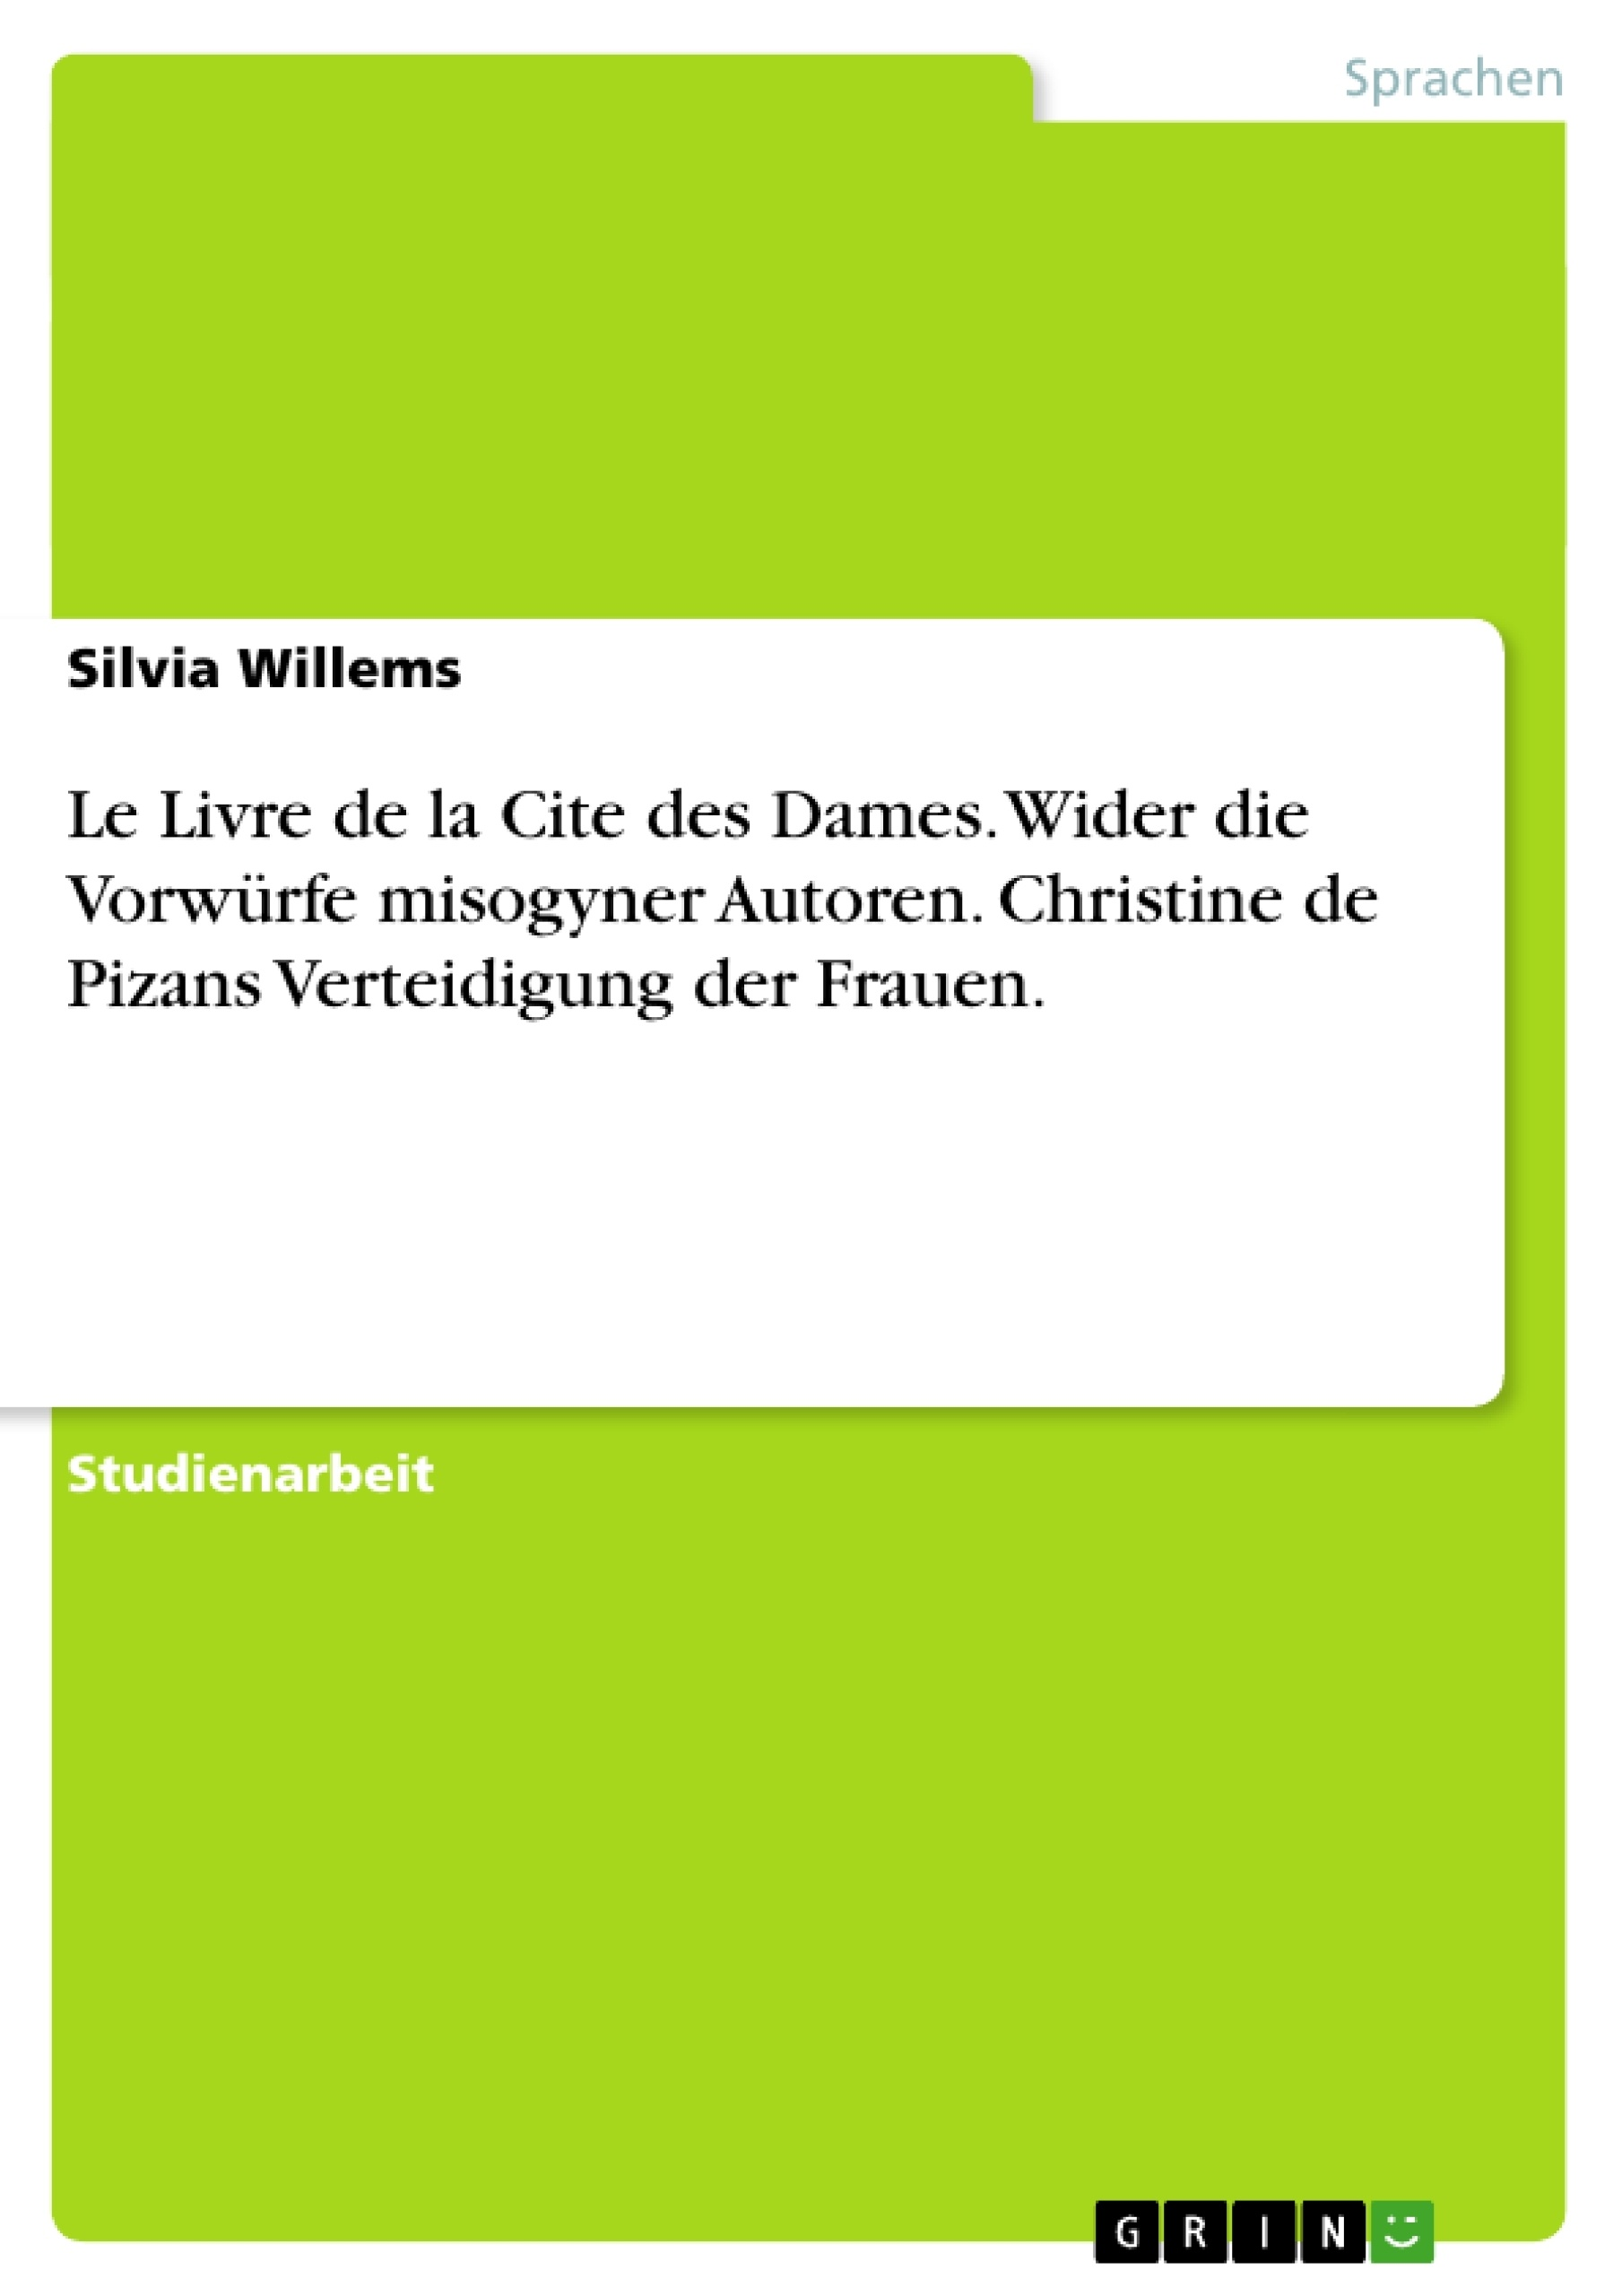 Titel: Le Livre de la Cite des Dames. Wider die Vorwürfe misogyner Autoren. Christine de Pizans Verteidigung der Frauen.